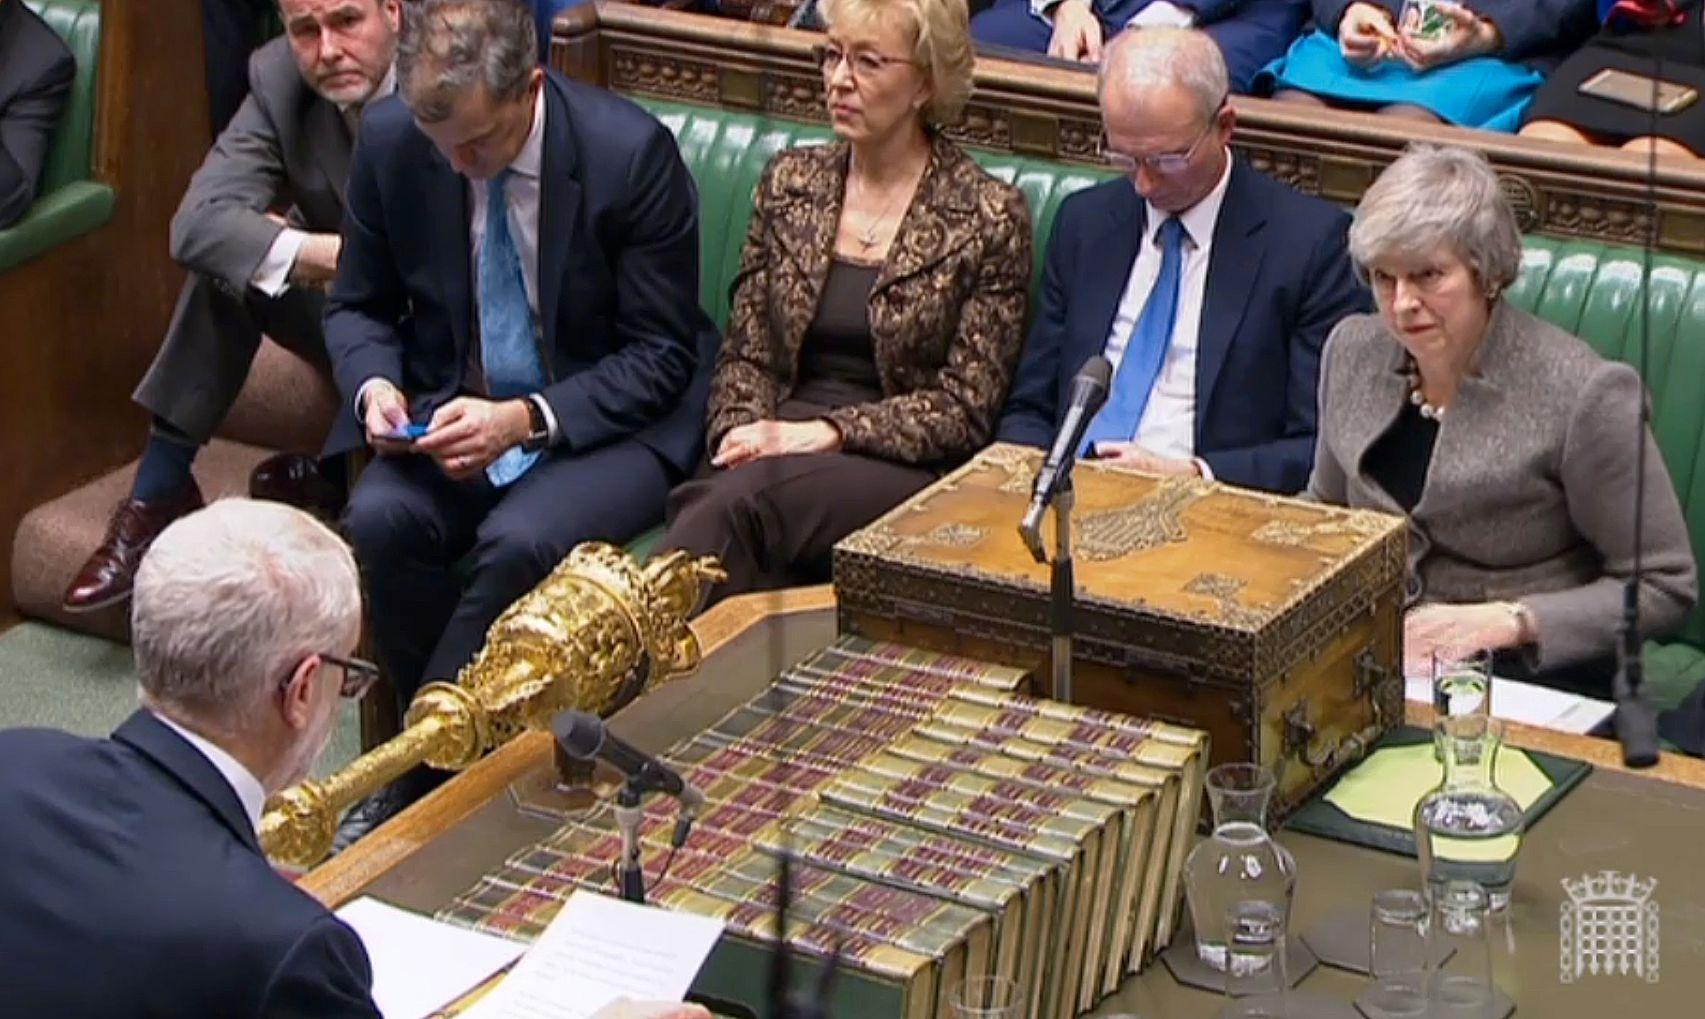 SKJEBNEAVSTEMNING: Labour-leder Jeremy Corbyn (t.v.) truer med mistillit dersom statsminister taper avstemningen i parlamentet i morgen tirsdag.